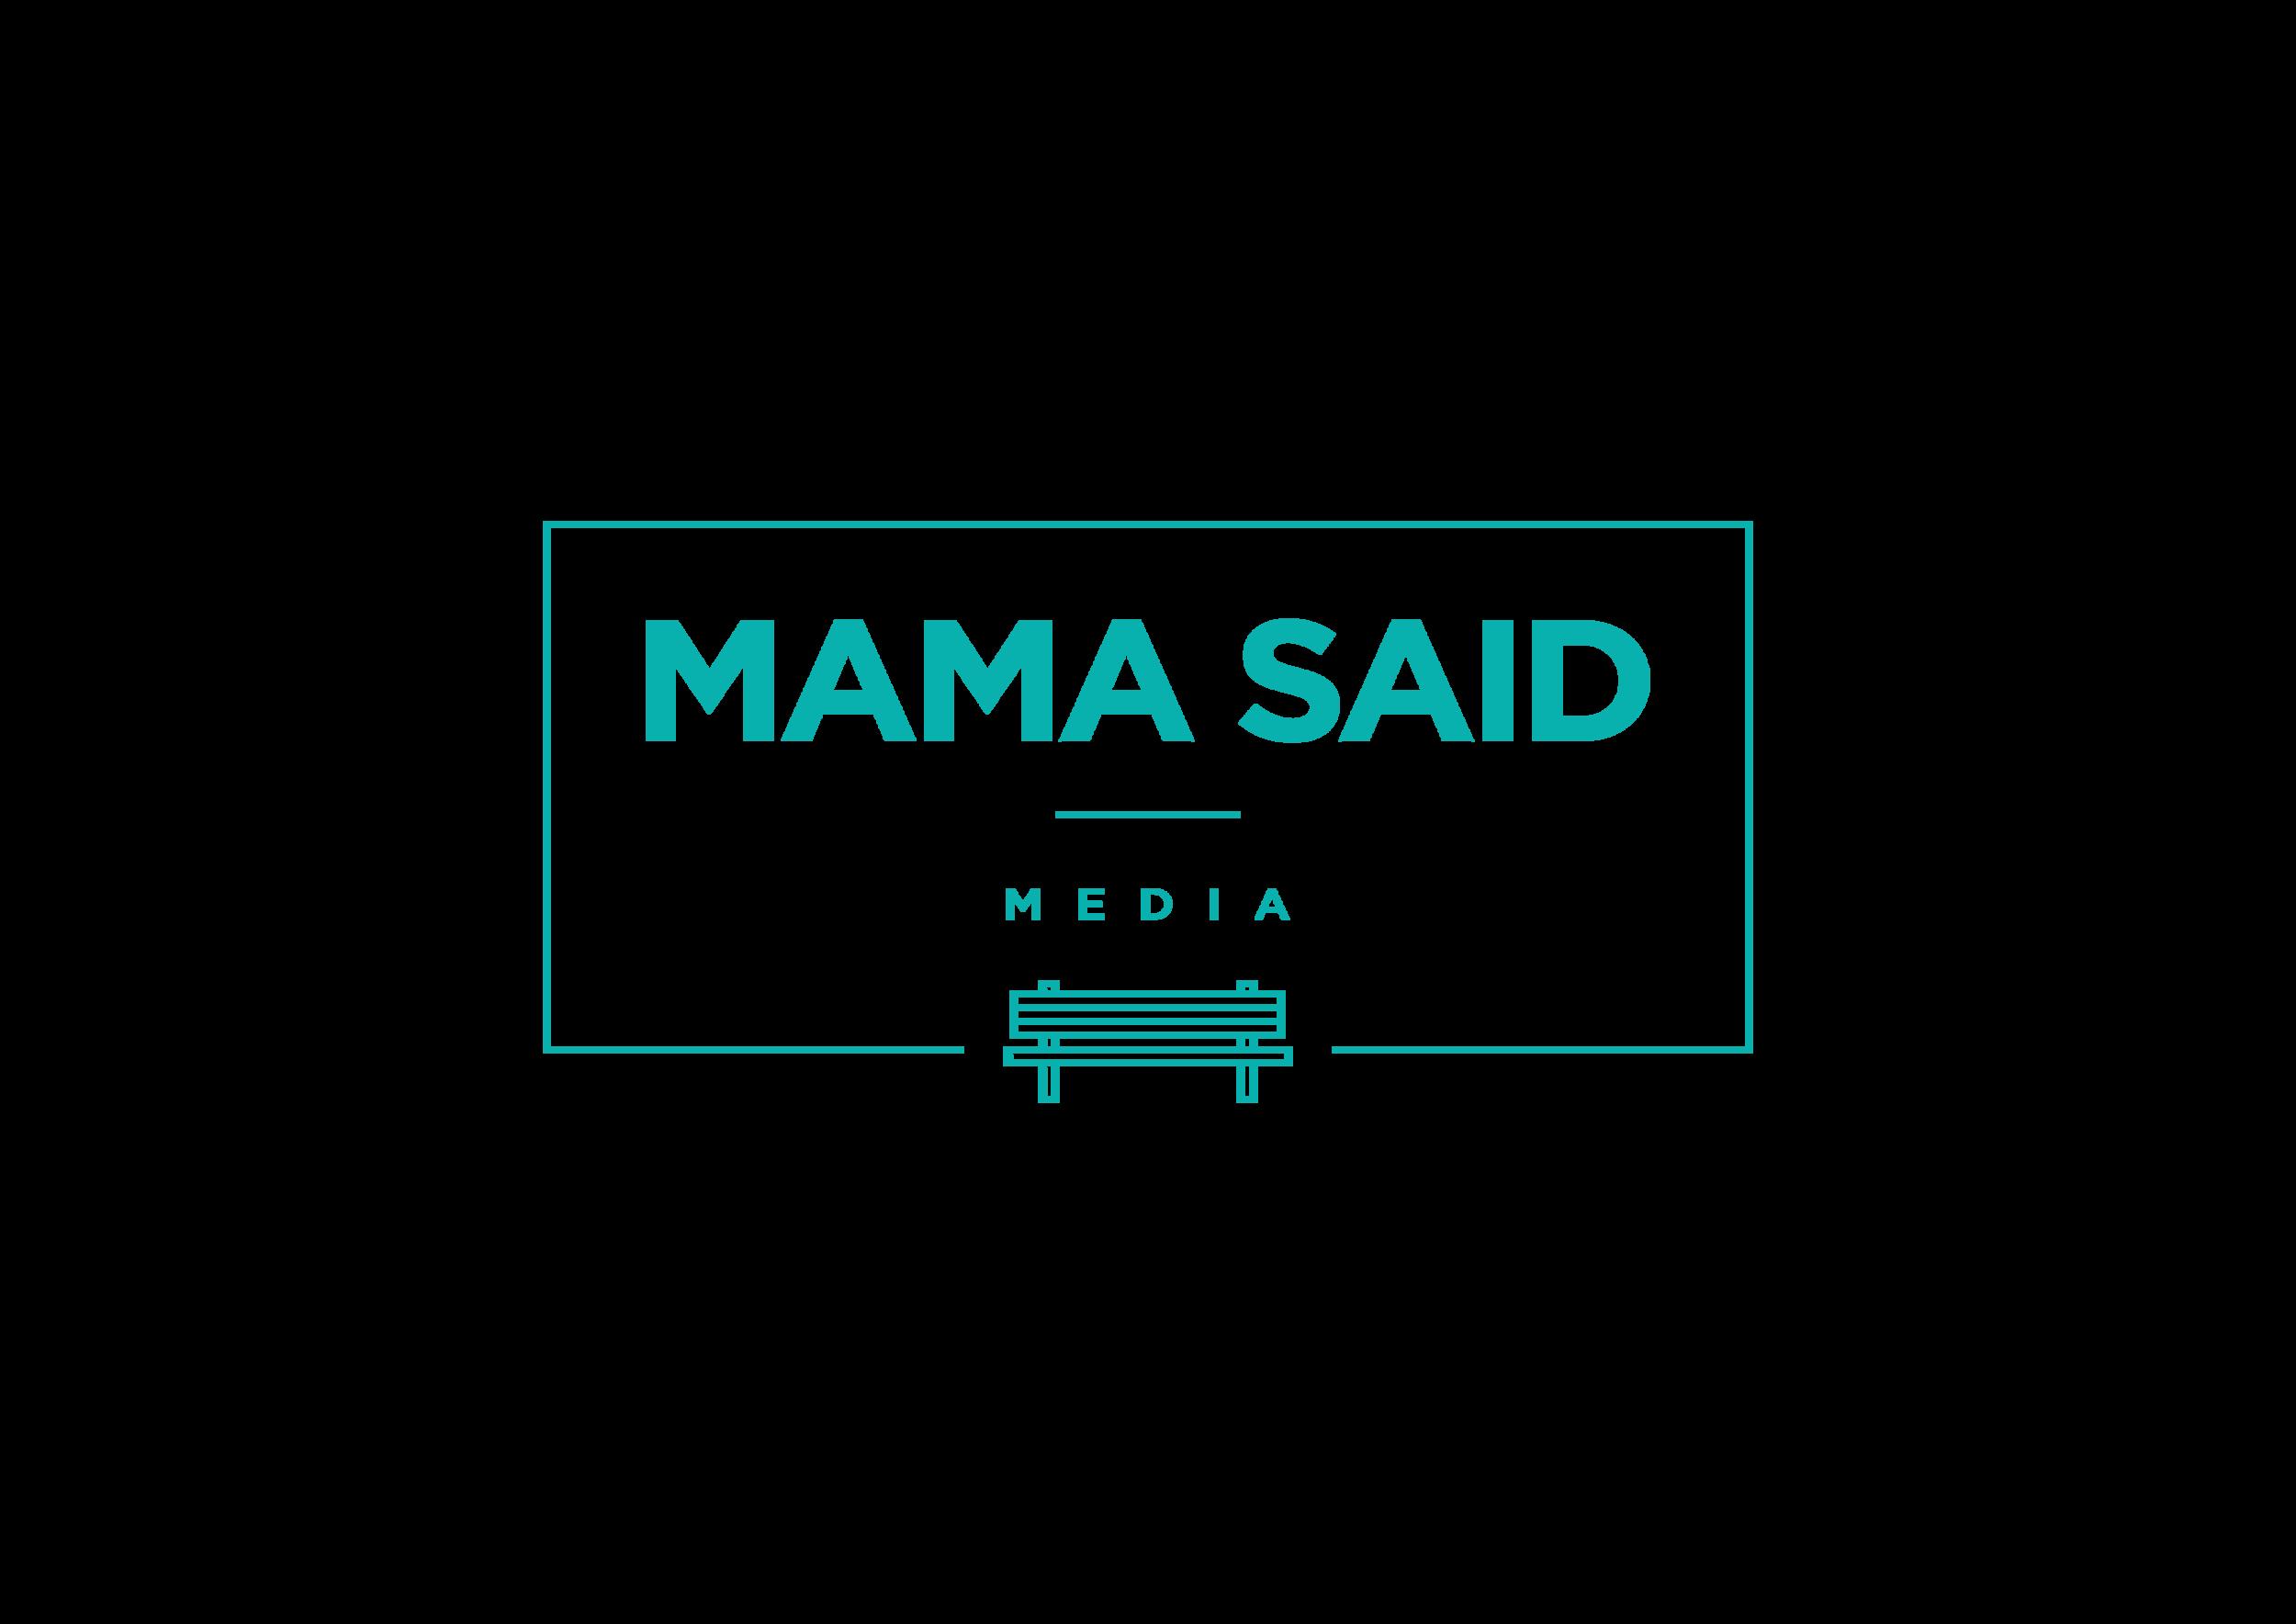 mama_said_malmo